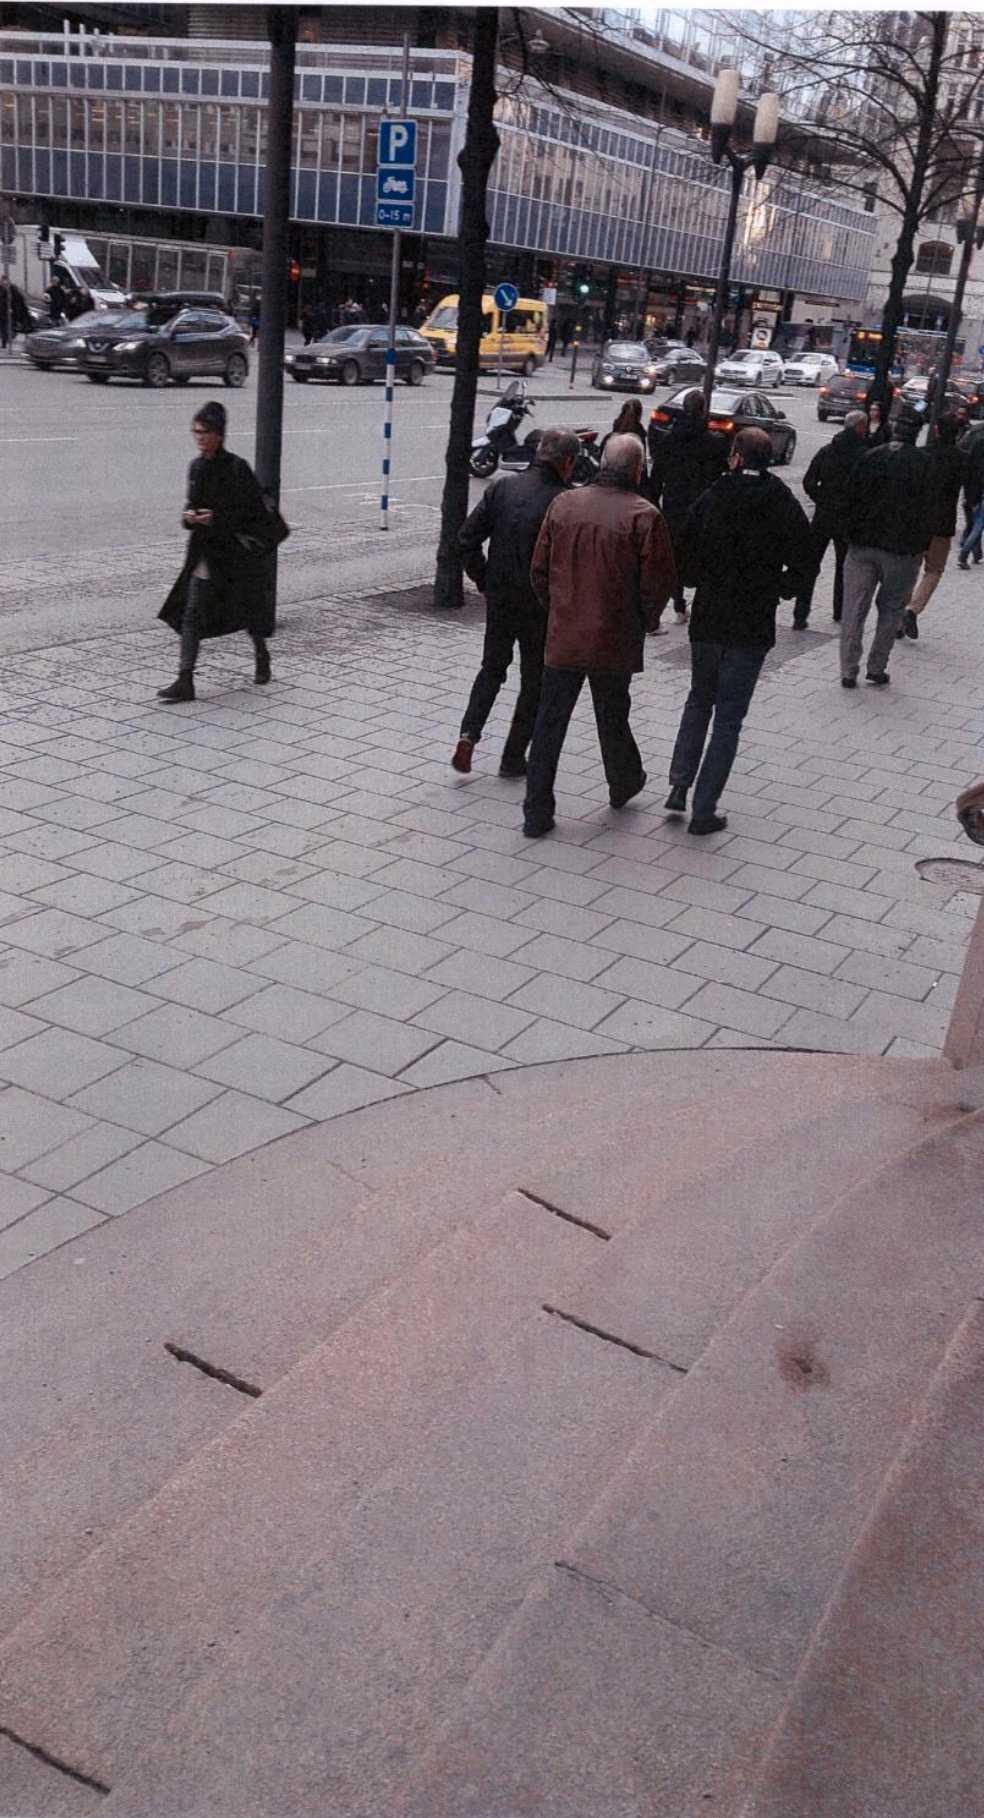 Akilovs bilder från Vasagatan, centrala Stockholm.